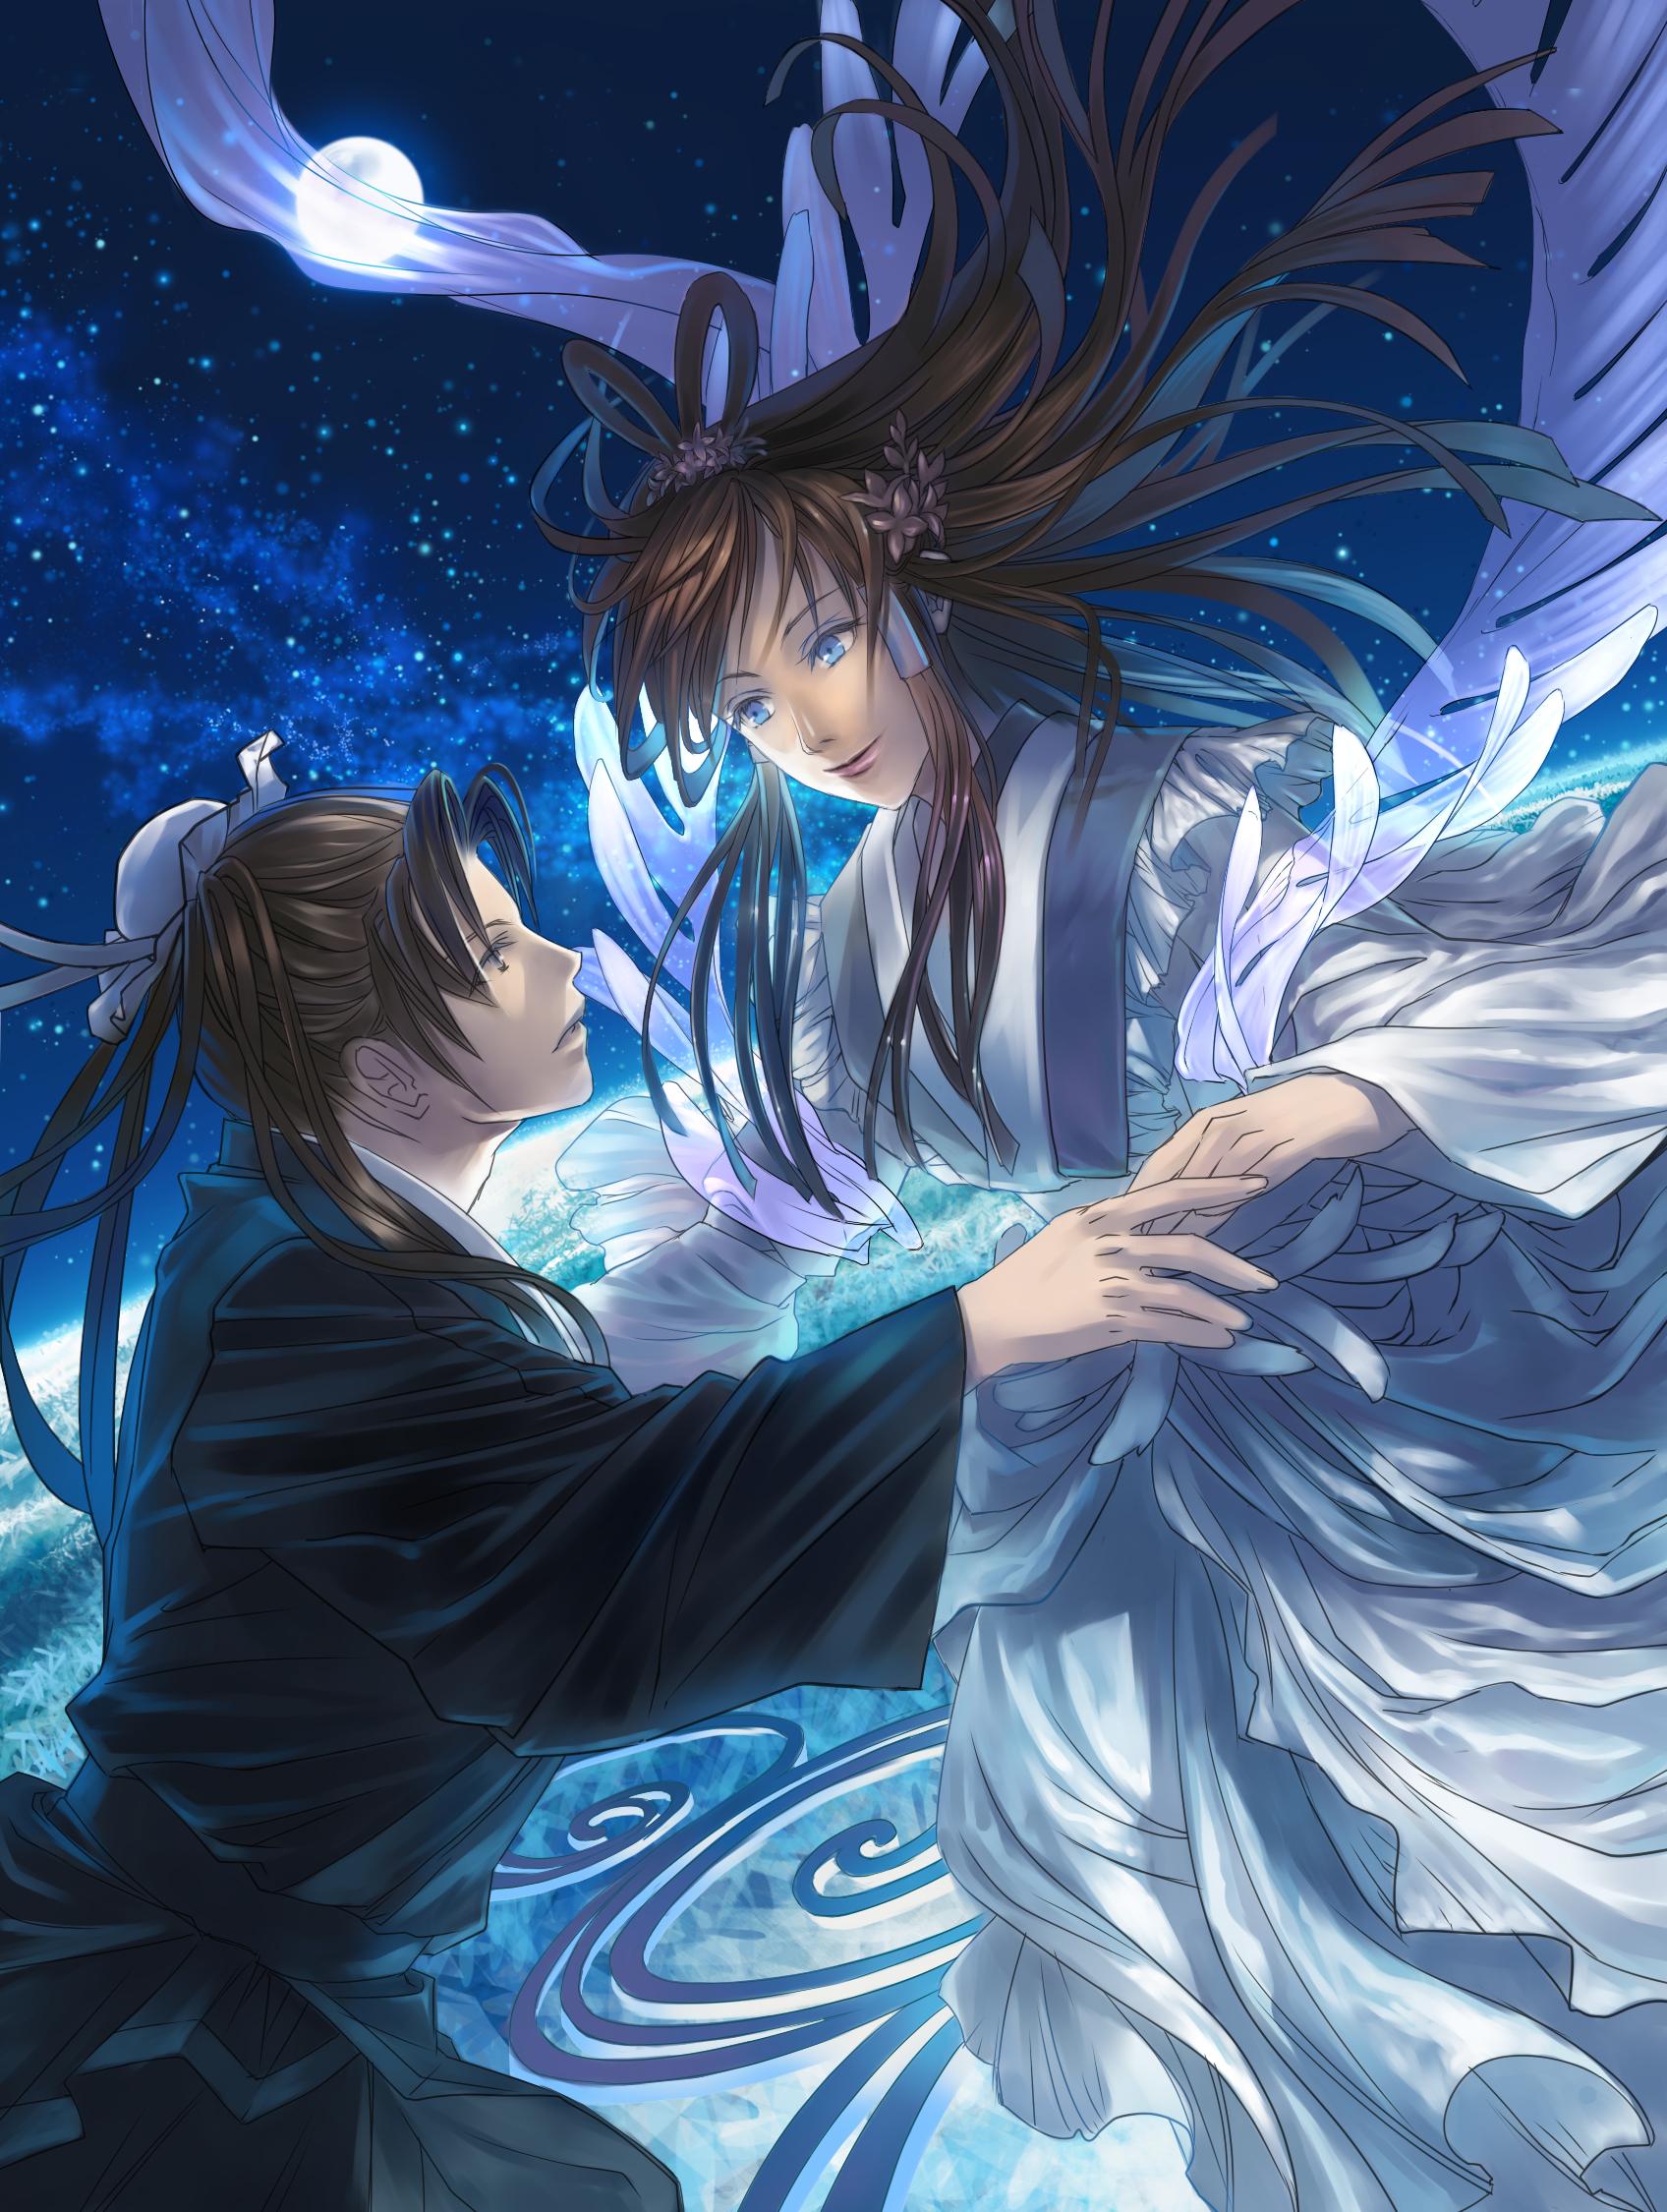 Ayer se celebró en Japón el Festival de Tanabata o Festival de las Estrellas, un festival de verano con un toque romántico de trasfondo en el que dos amantes vuelven […]